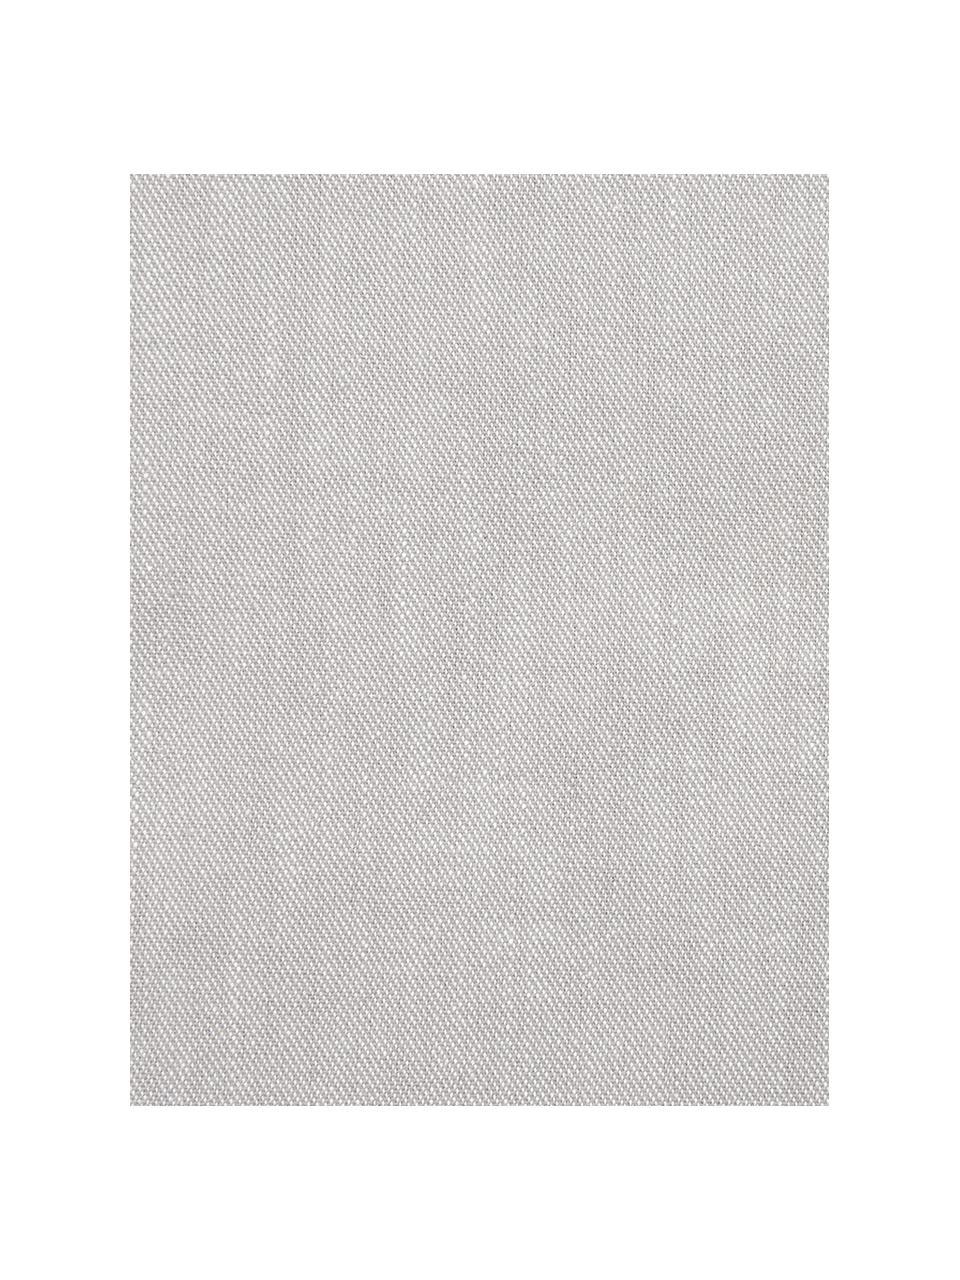 Pościel Cashmere, Beżowy, 135 x 200 cm + 1 poduszka 80 x 80 cm